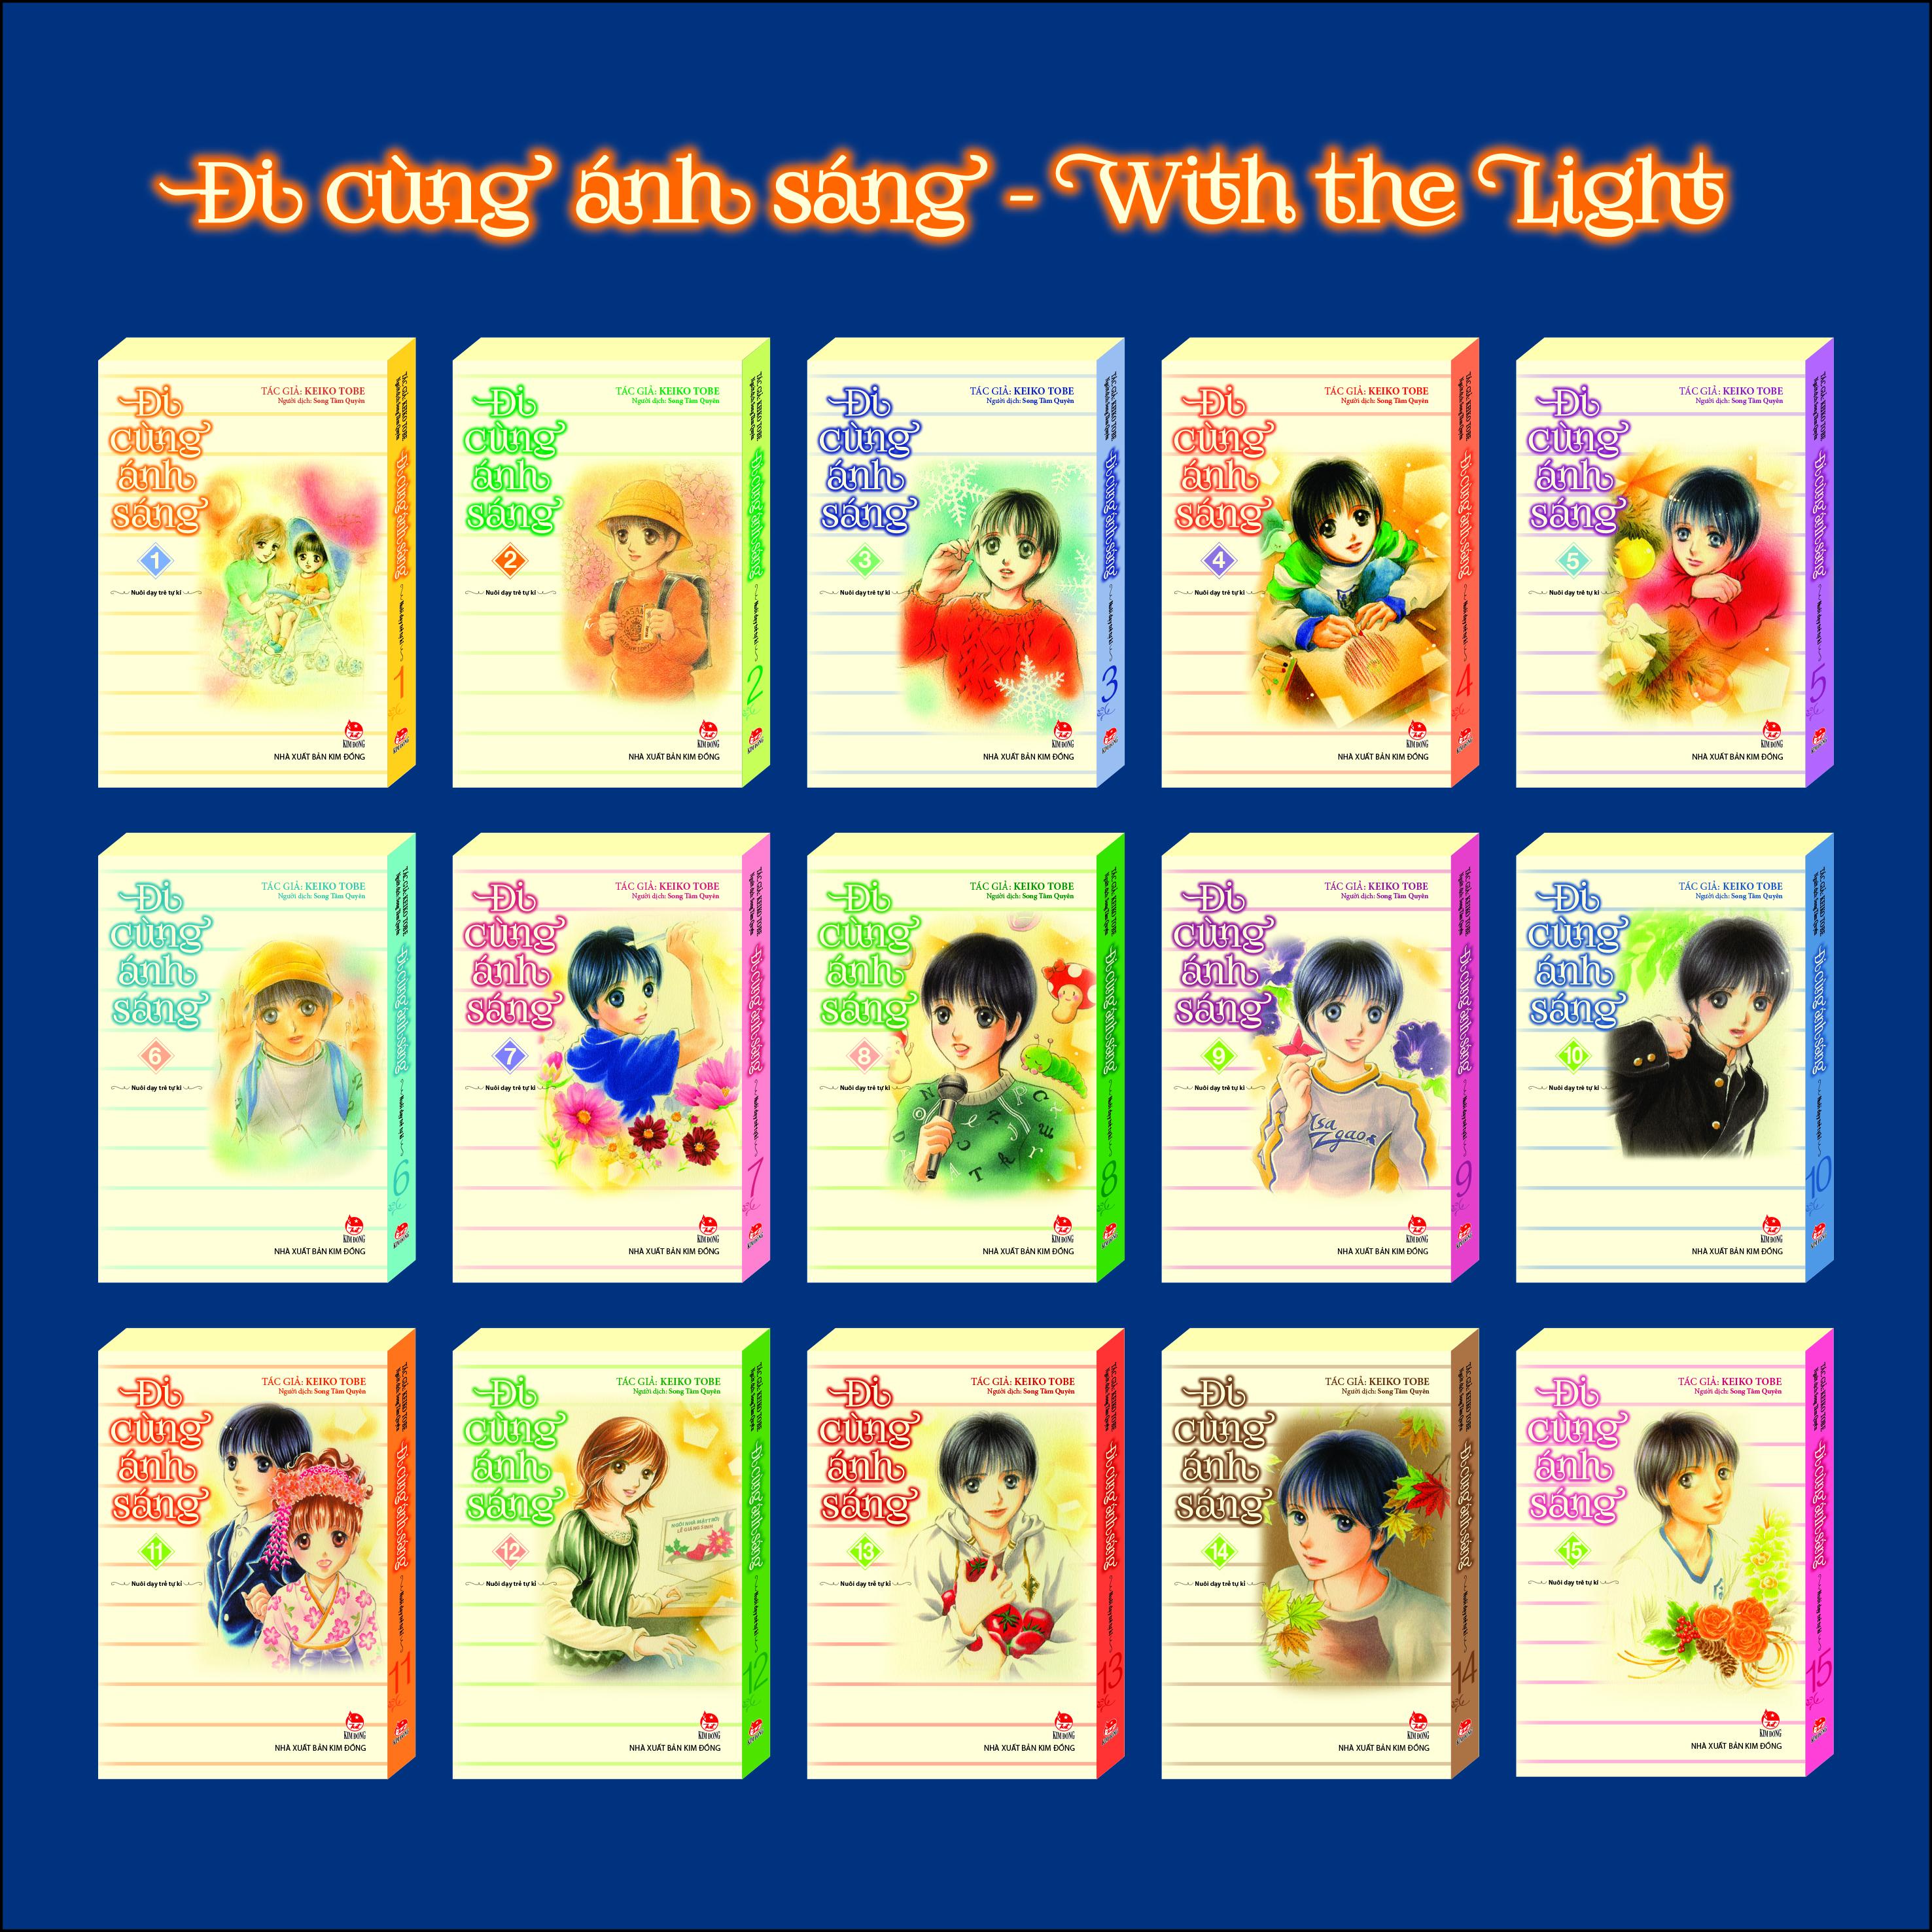 Ra mắt trọn vẹn Đi cùng ánh sáng - Bộ sách tranh cảm động về nuôi dạy con